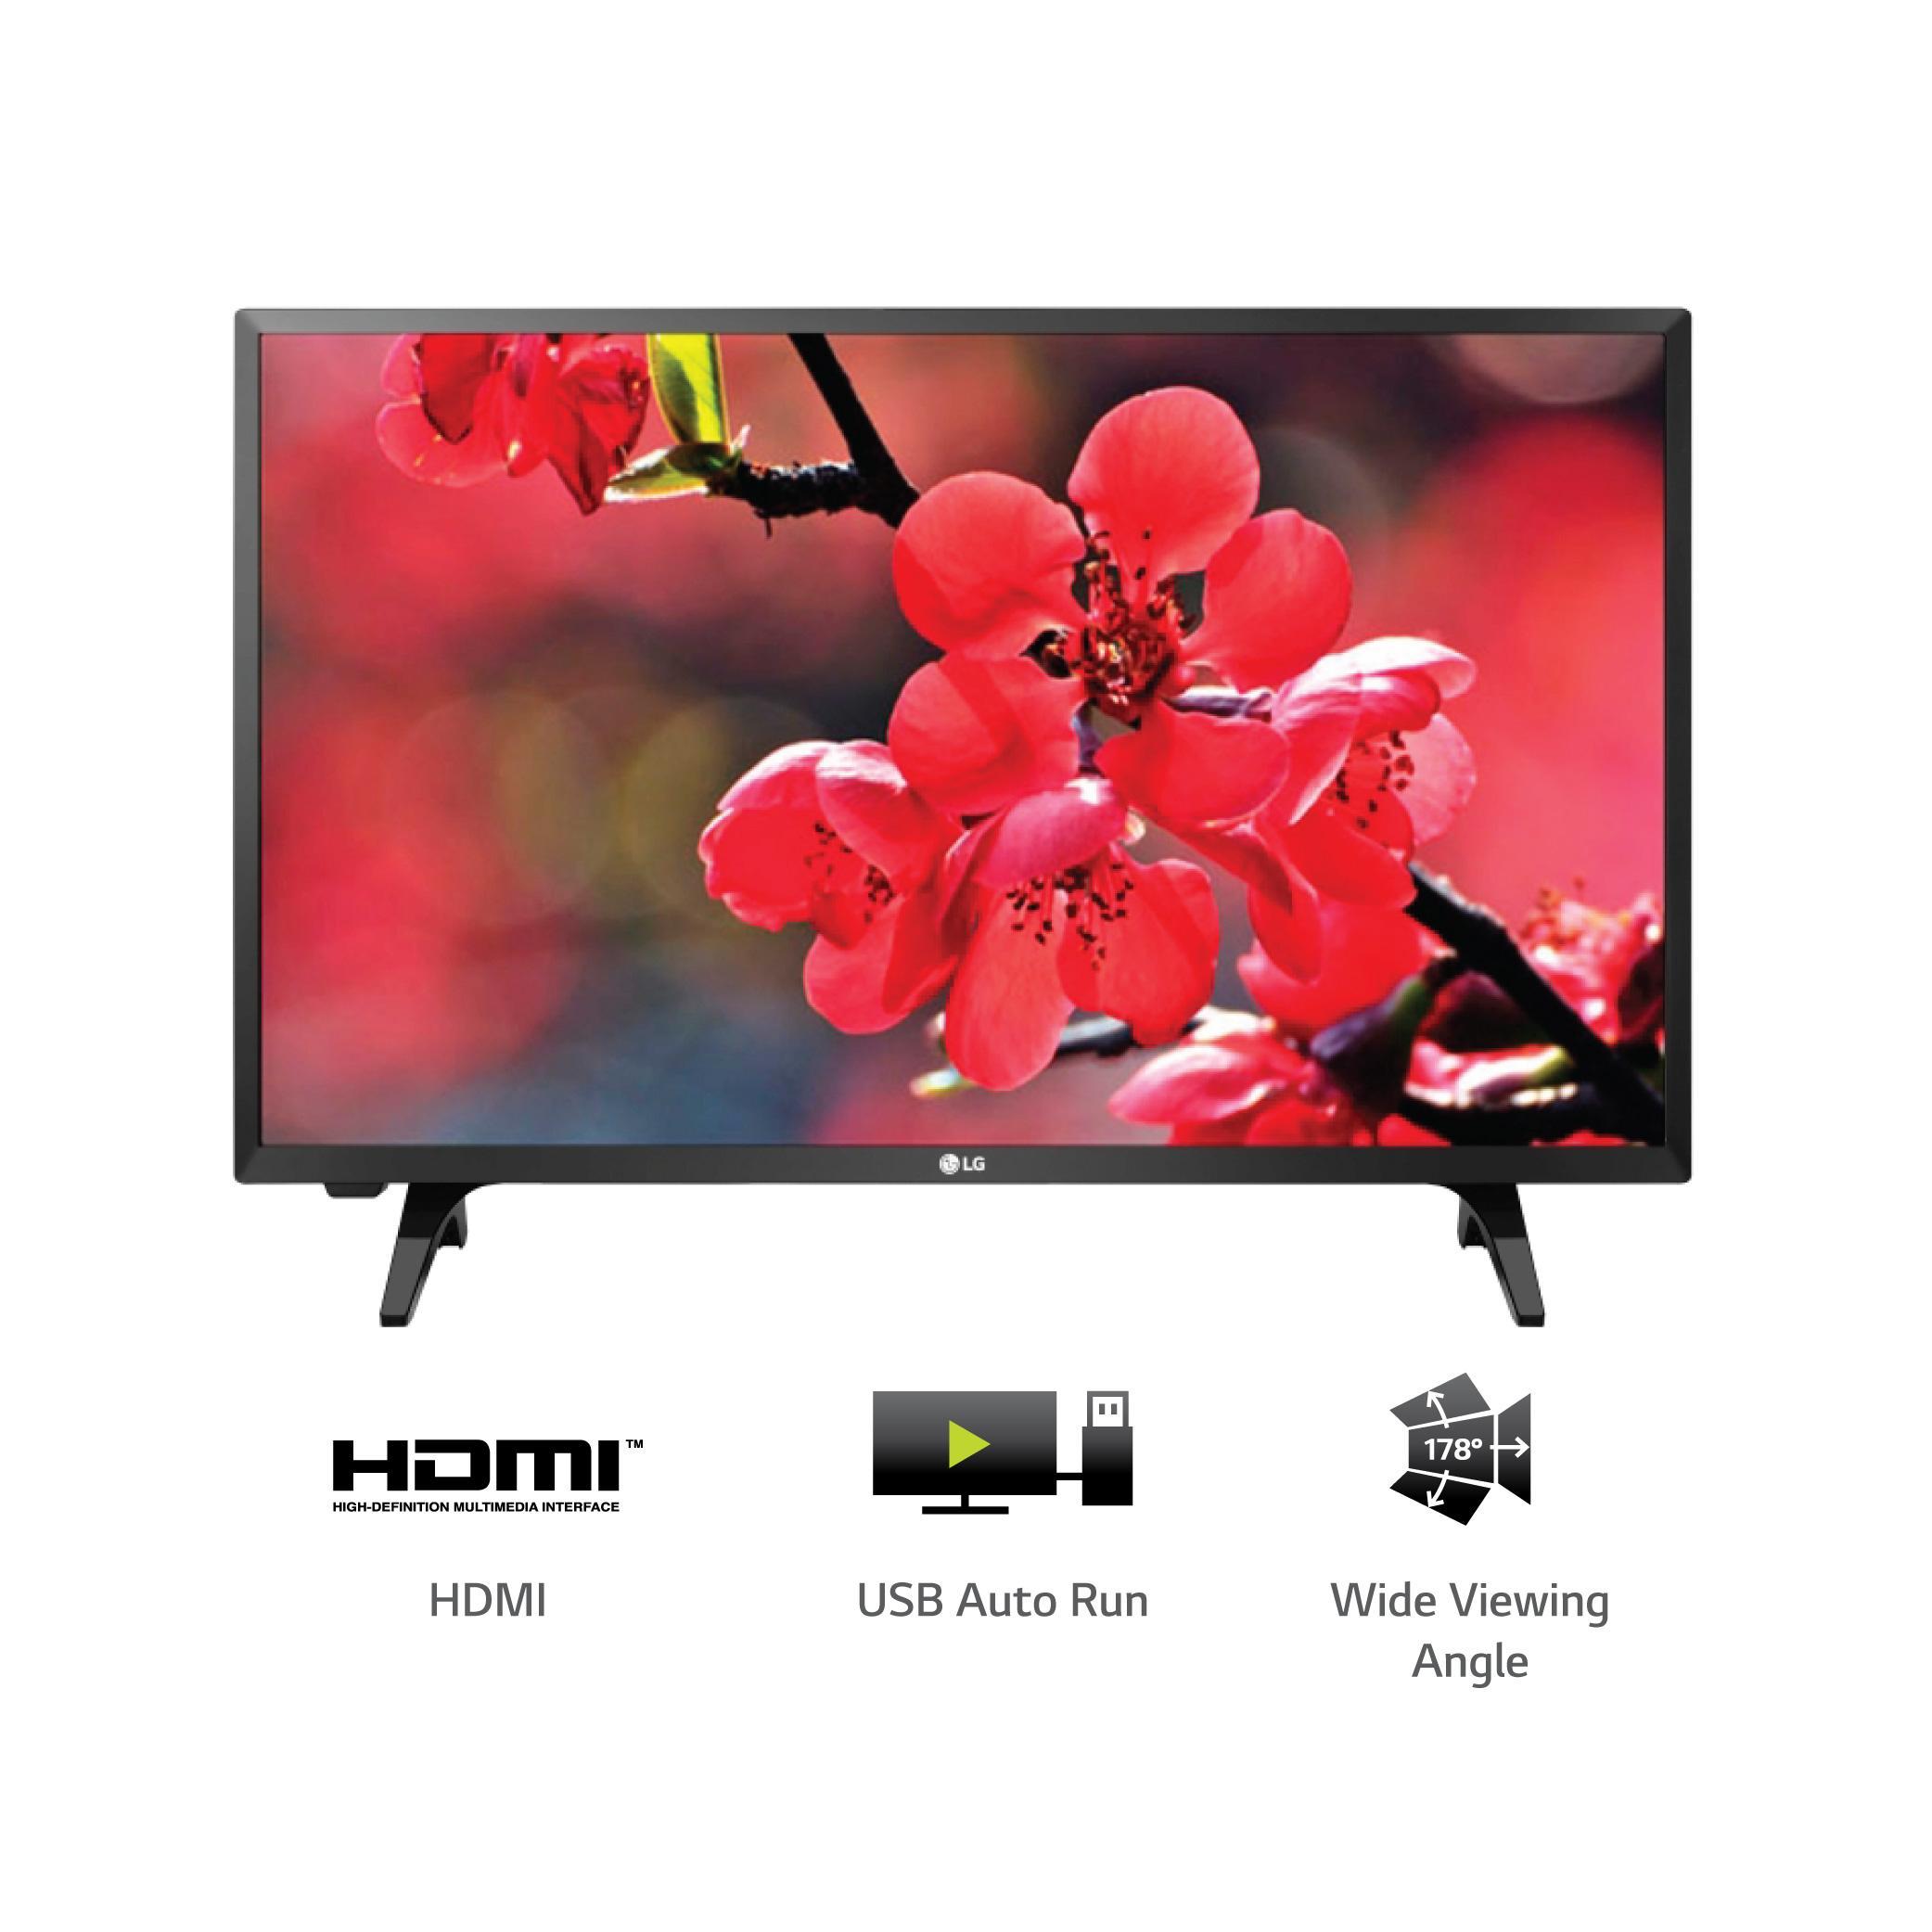 LG 24 Inch LED TV [24TK425A]